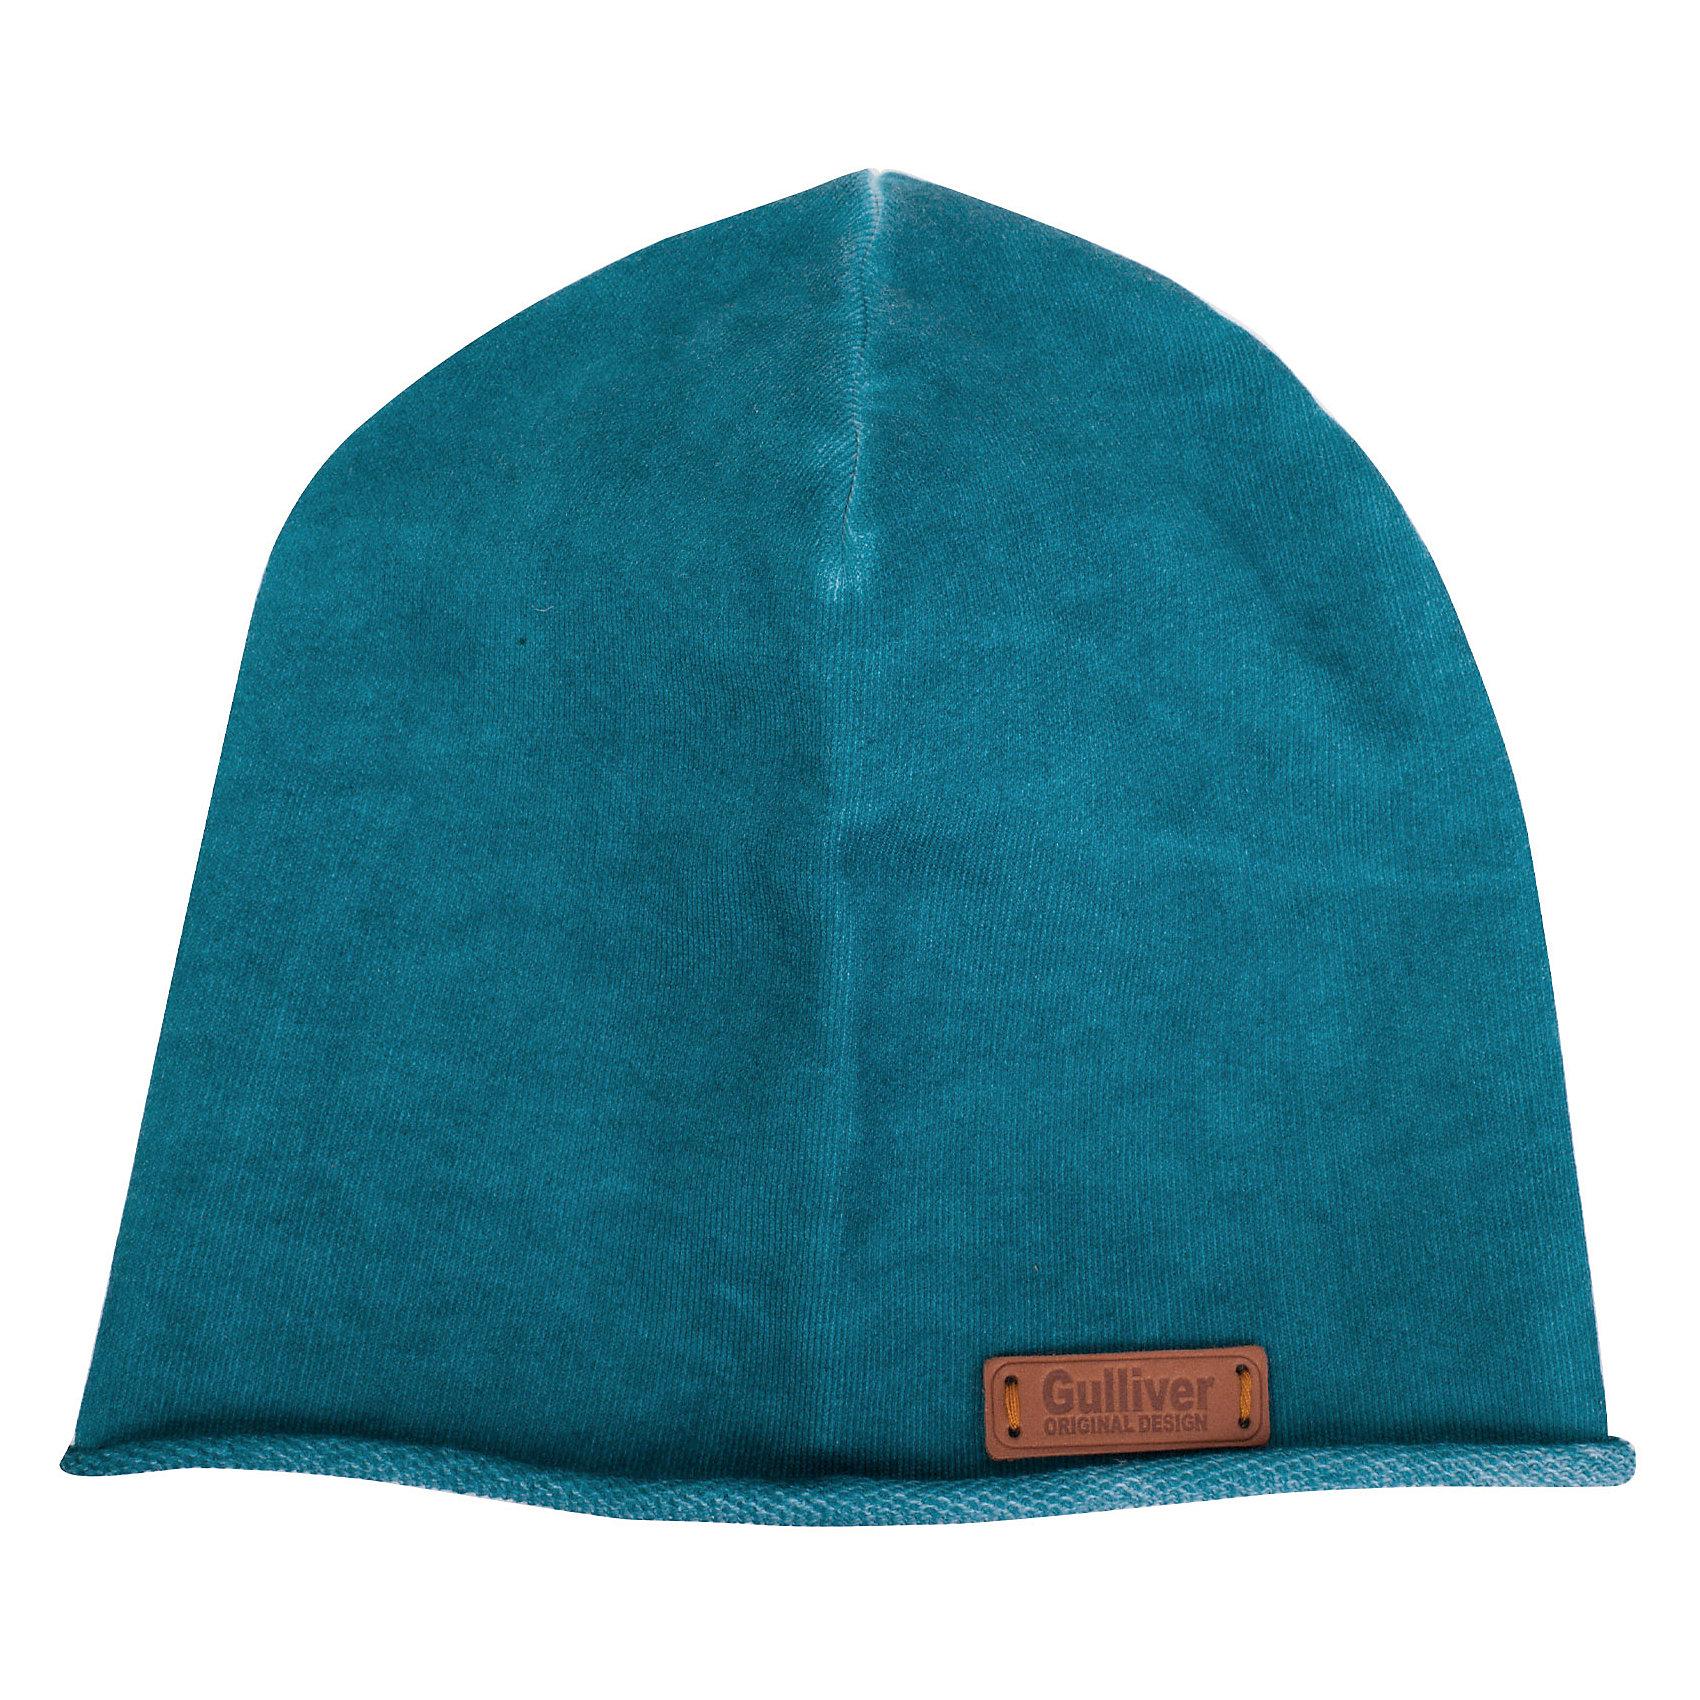 Шапка для мальчика GulliverГоловные уборы<br>Стильная вязаная шапка для мальчика отлично дополнит повседневный образ ребенка. Мягкая, легкая, комфортная, она отлично разместится  в кармане пальто или куртки,  чтобы в любой момент защитить модника от непогоды и ветра.<br>Состав:<br>100% хлопок<br><br>Ширина мм: 89<br>Глубина мм: 117<br>Высота мм: 44<br>Вес г: 155<br>Цвет: голубой<br>Возраст от месяцев: 72<br>Возраст до месяцев: 84<br>Пол: Мужской<br>Возраст: Детский<br>Размер: 54,52<br>SKU: 5482853